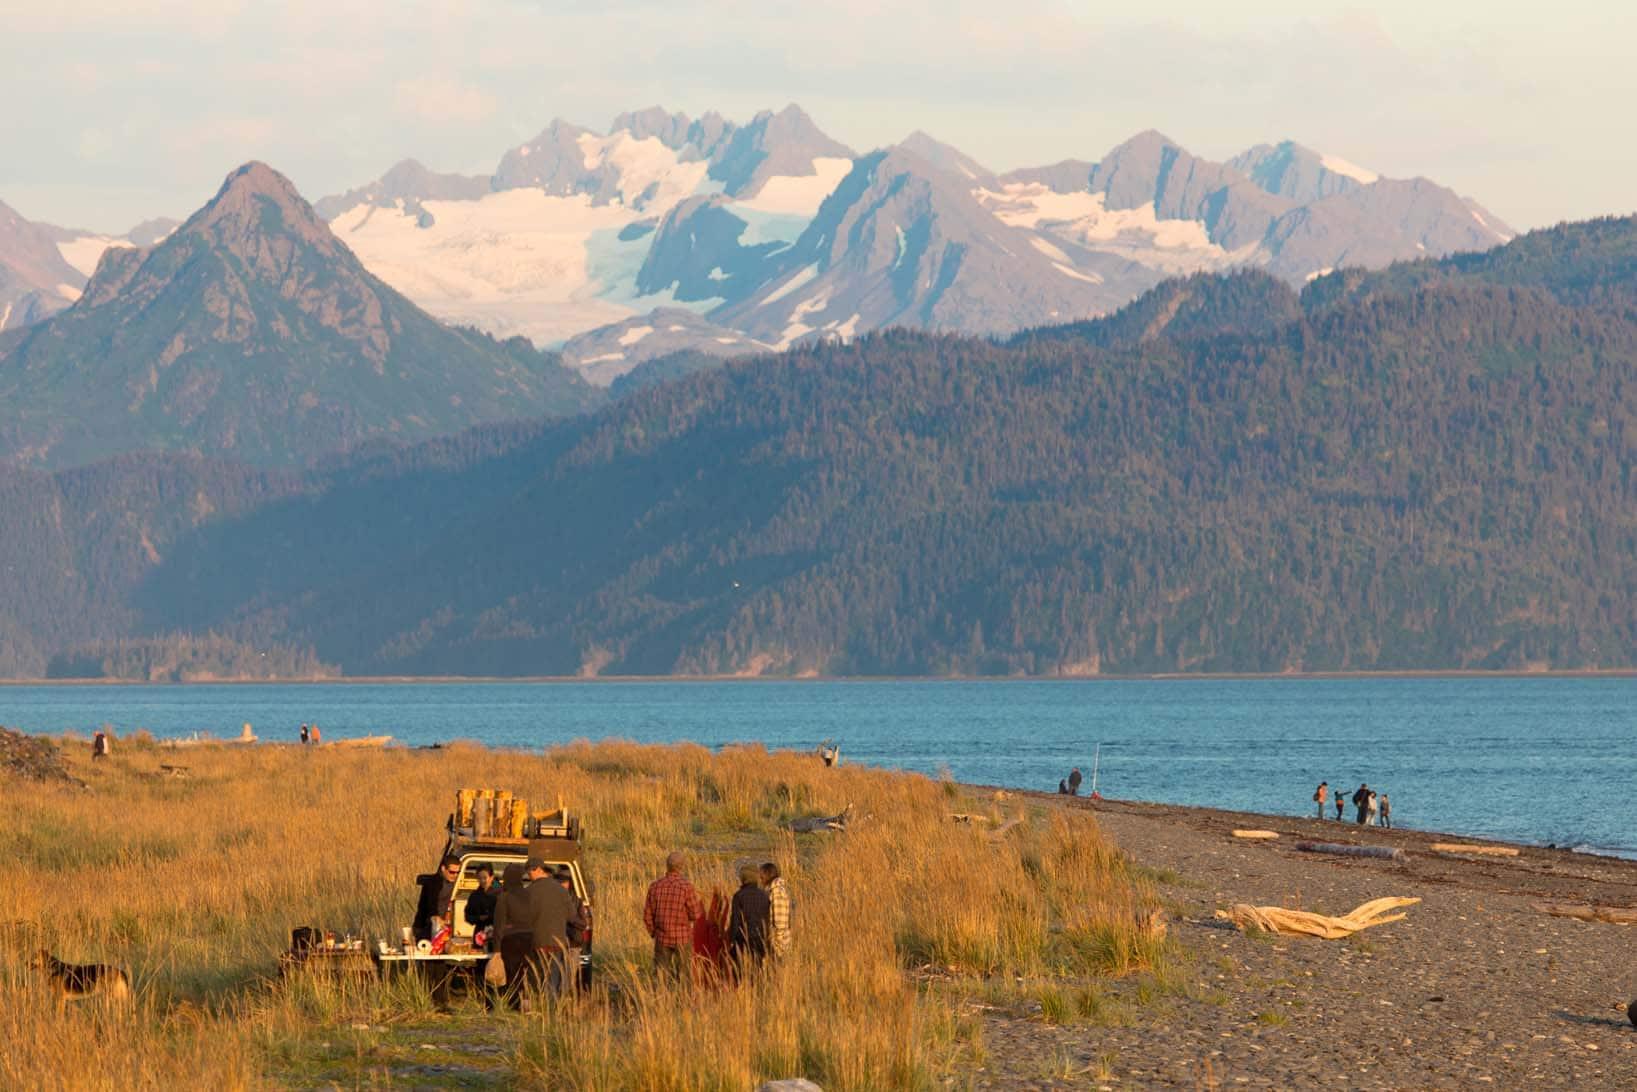 Alaska Day 19: Doing Nothing on Homer Spit